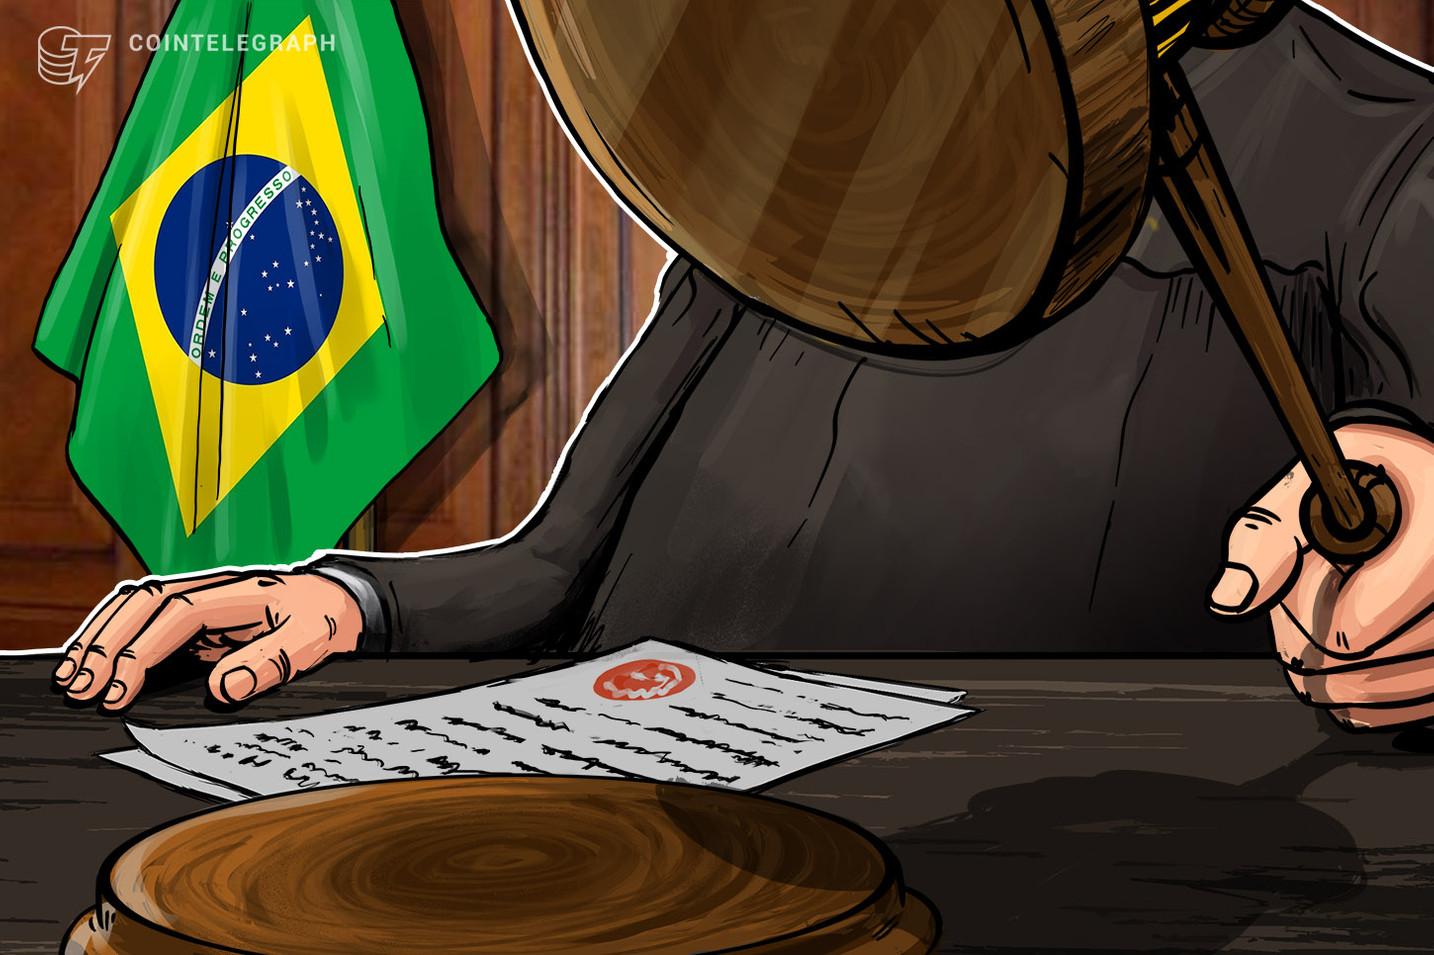 Carta da Recuperação Judicial indica que clientes do Grupo Bitcoin Banco não vão receber em Bitcoin mas em reais